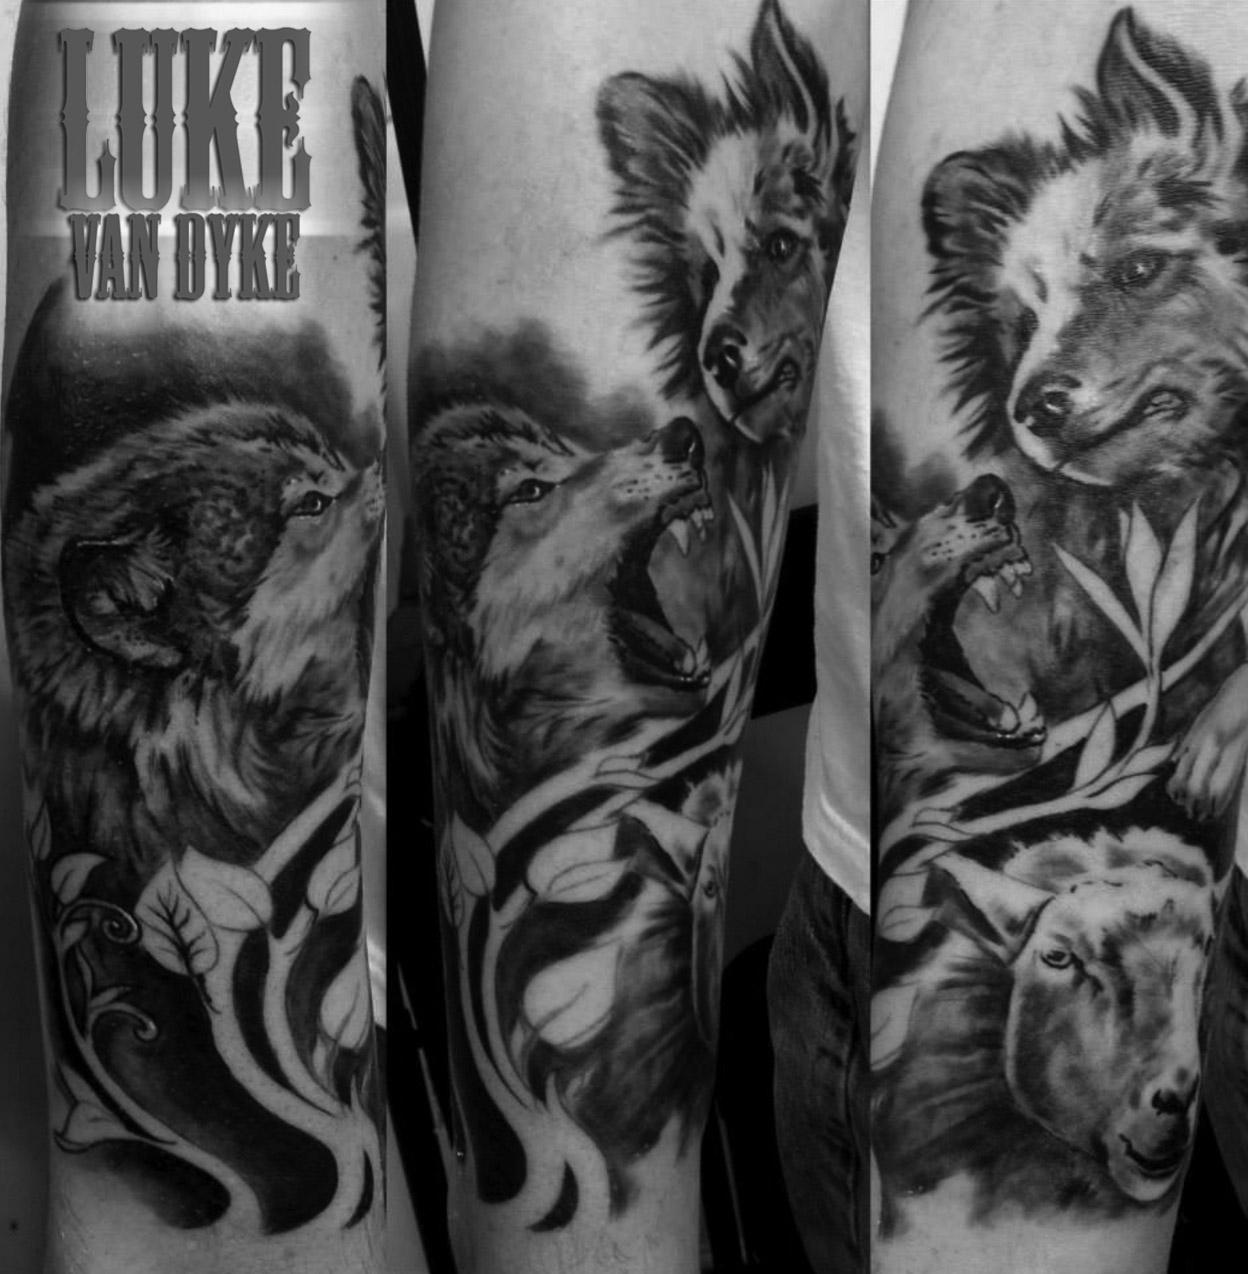 Luke5